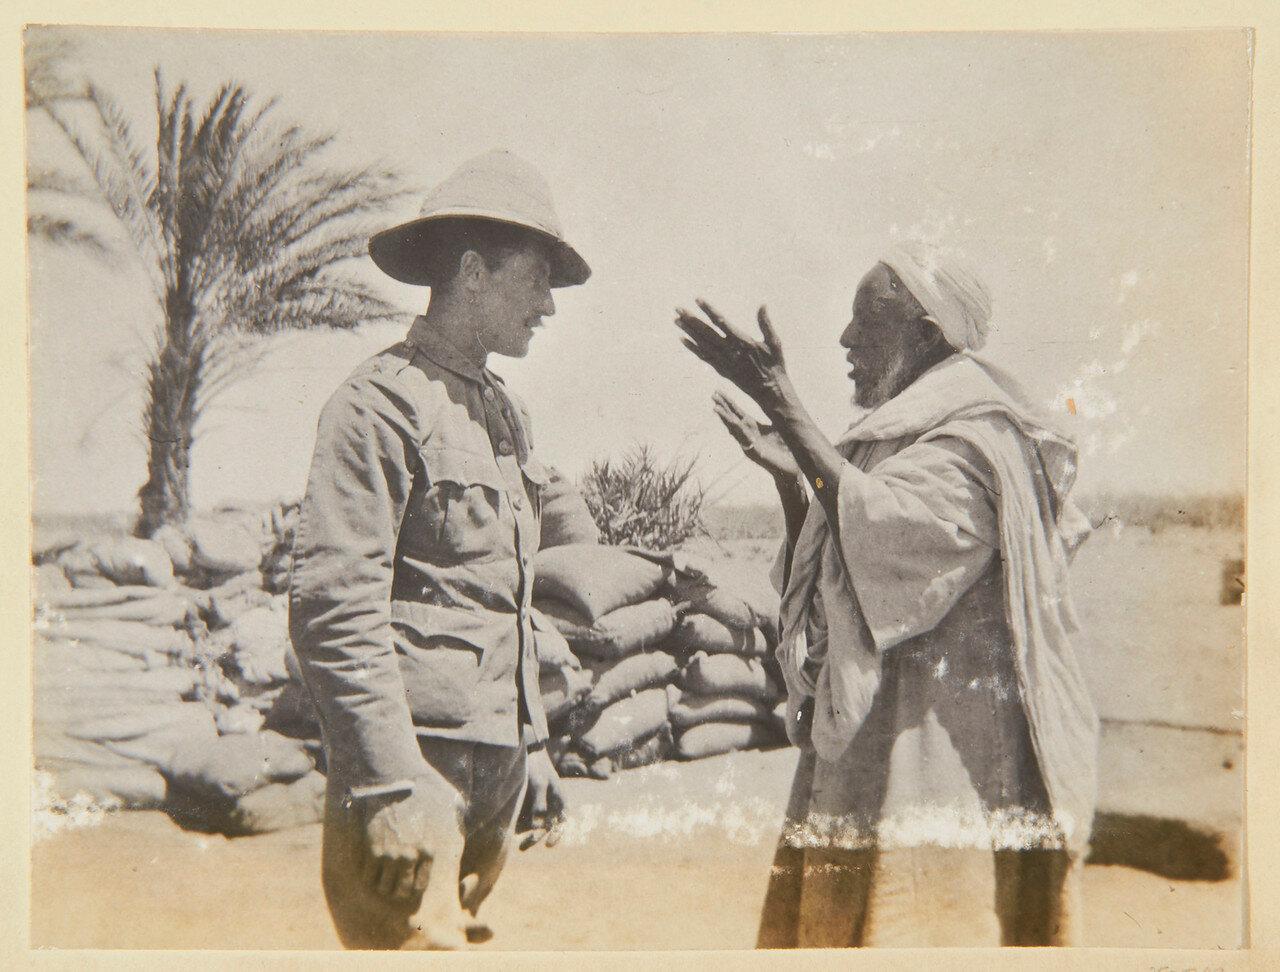 Капитан Эдмунд Бейнбридж  (1867-1943), Восточно-кентский полк во время допроса